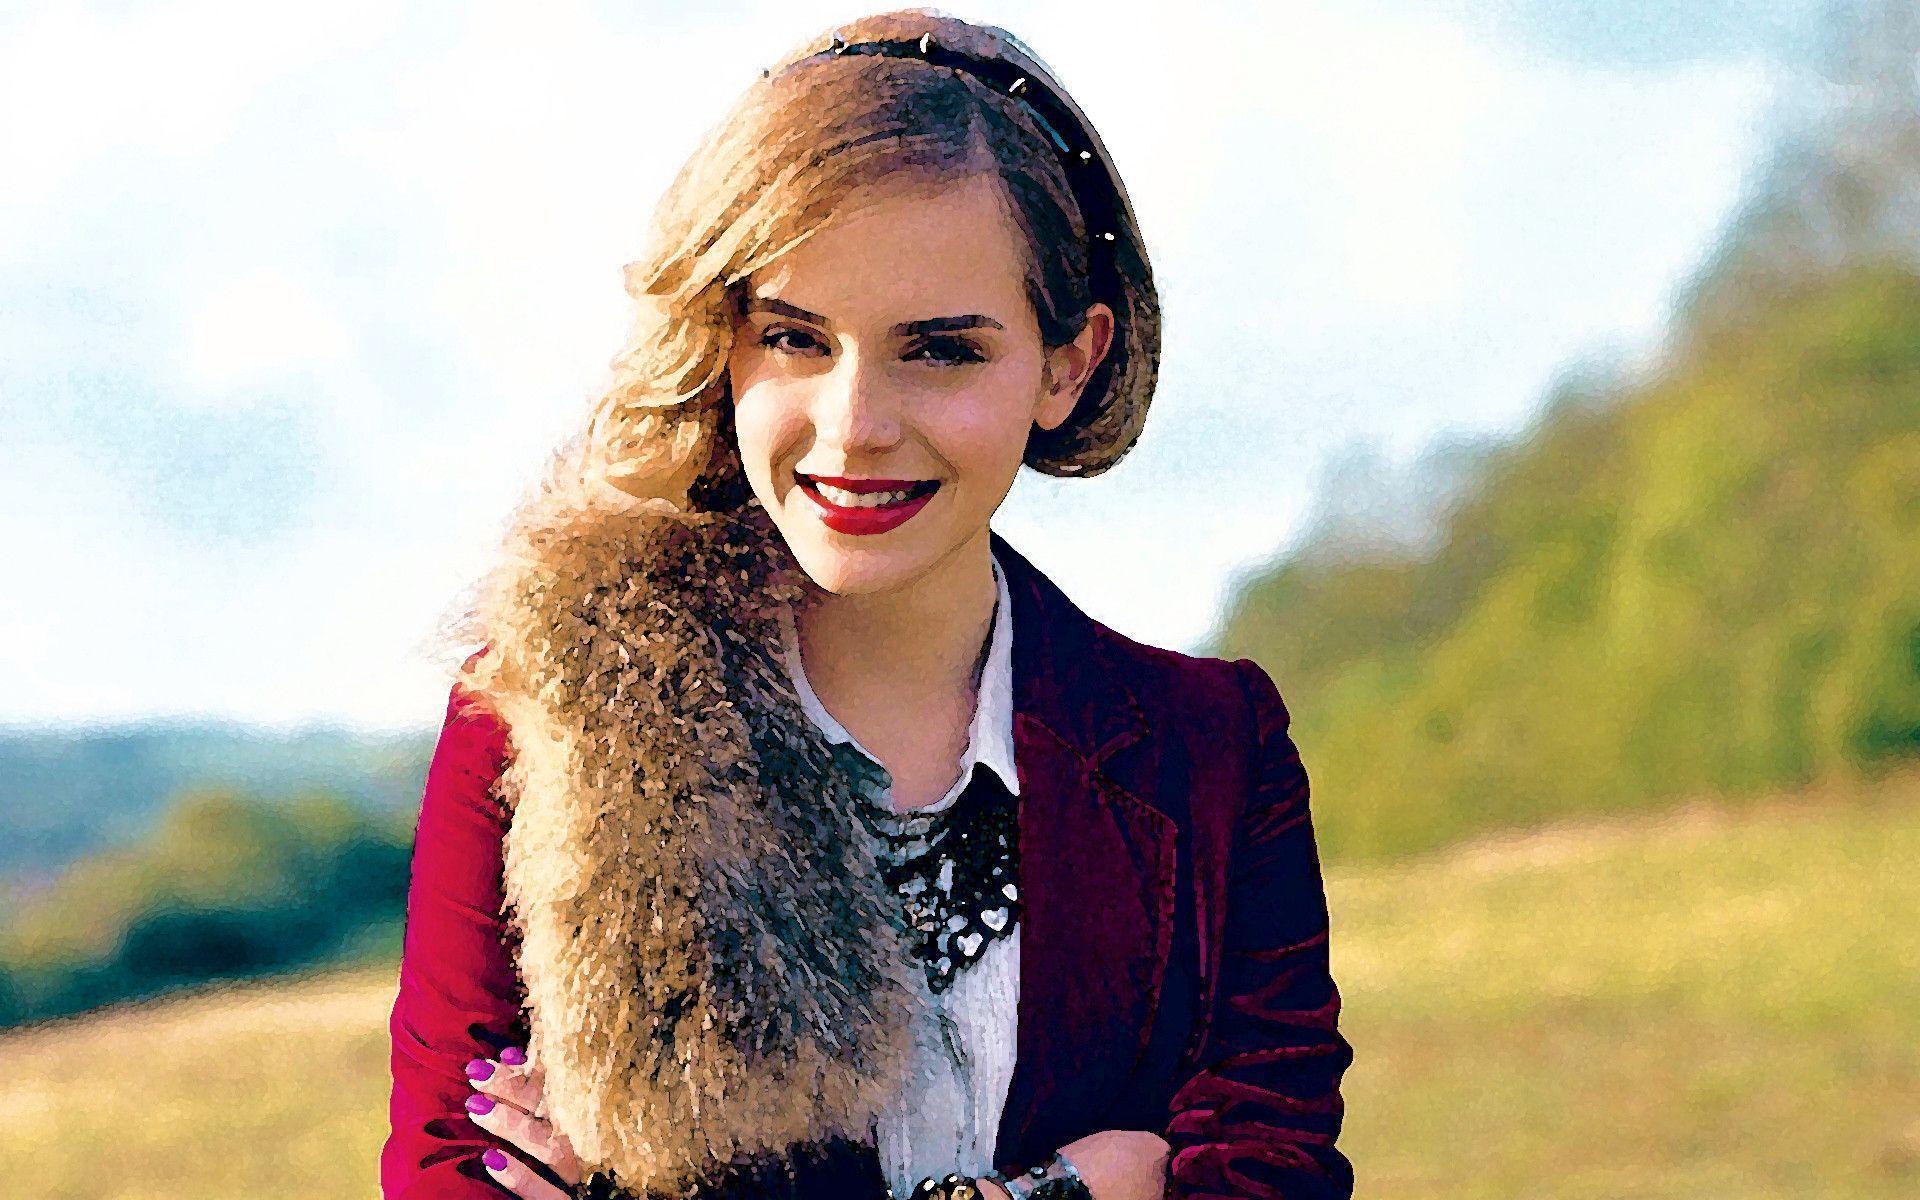 Emma Watson Portrait Wallpapers - Emma Watson Wallpaper (14832088 ...